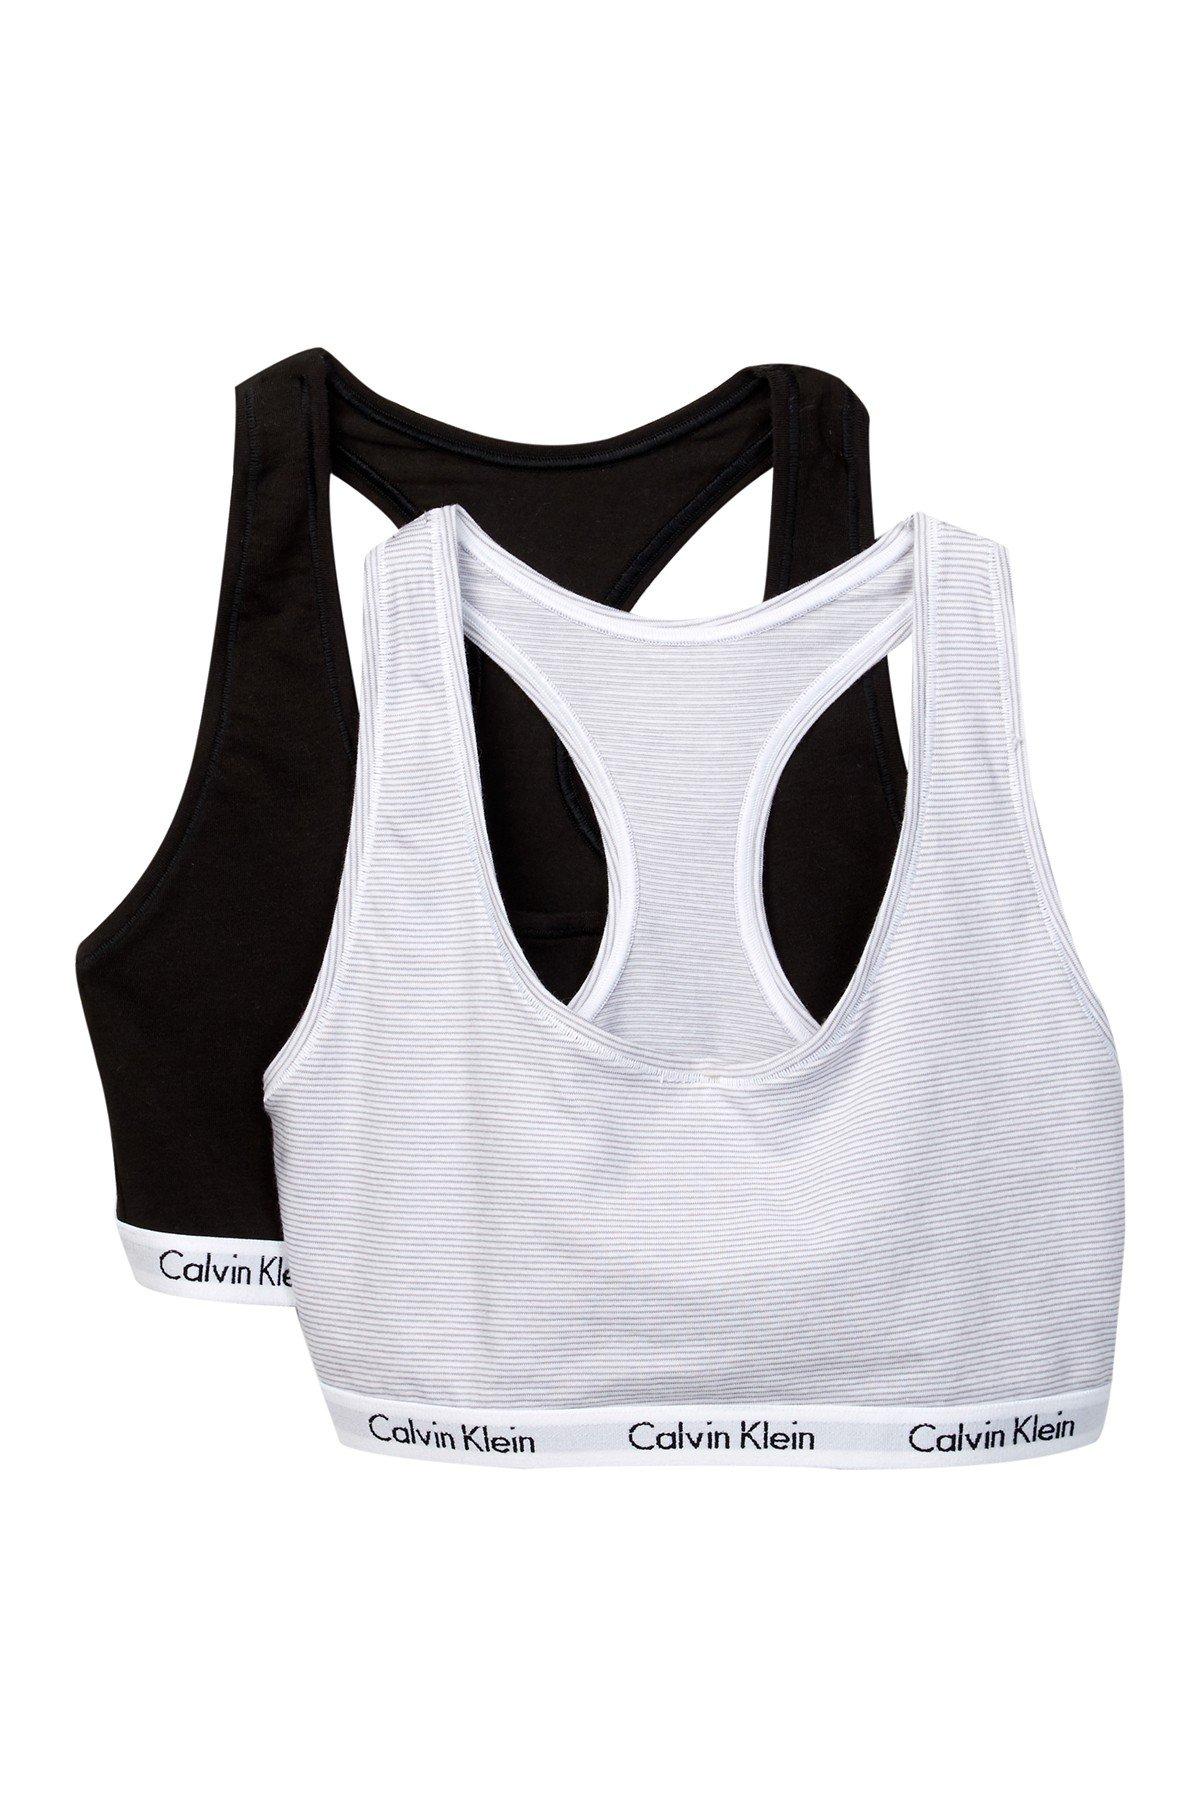 Calvin Klein Modern Cotton Bralette Orion (Medium, Black(QP1114Y-927)/Light Grey Stripes)